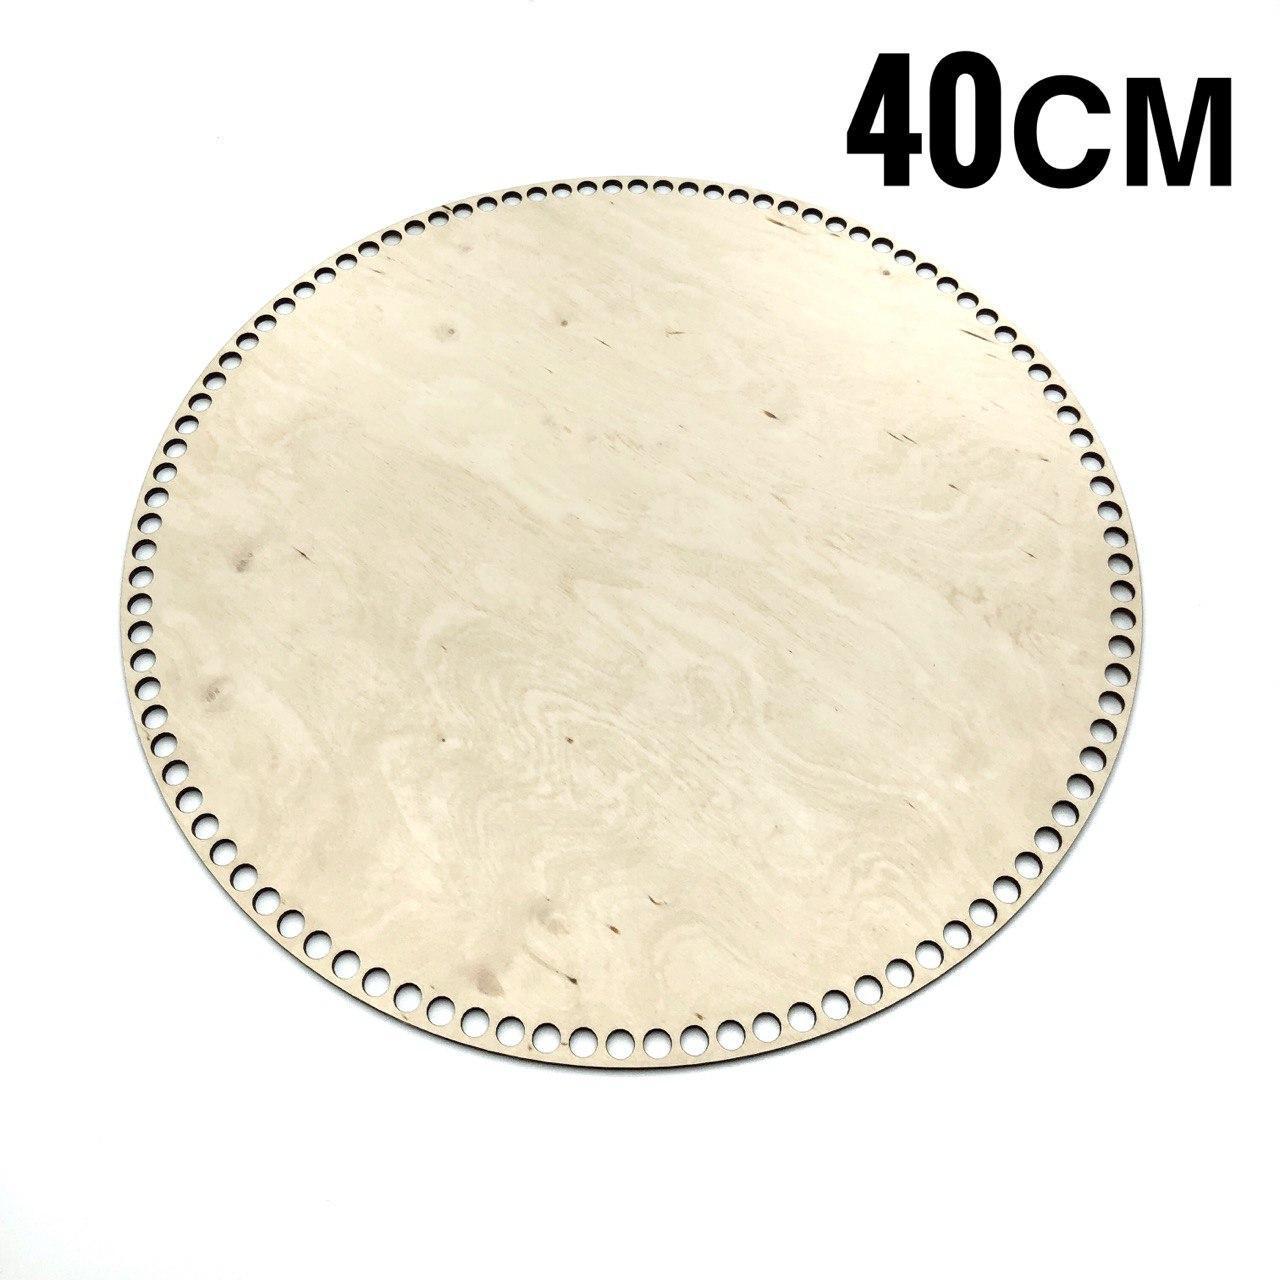 Круглое донышко деревянное для вязаных корзин диаметр 40 см